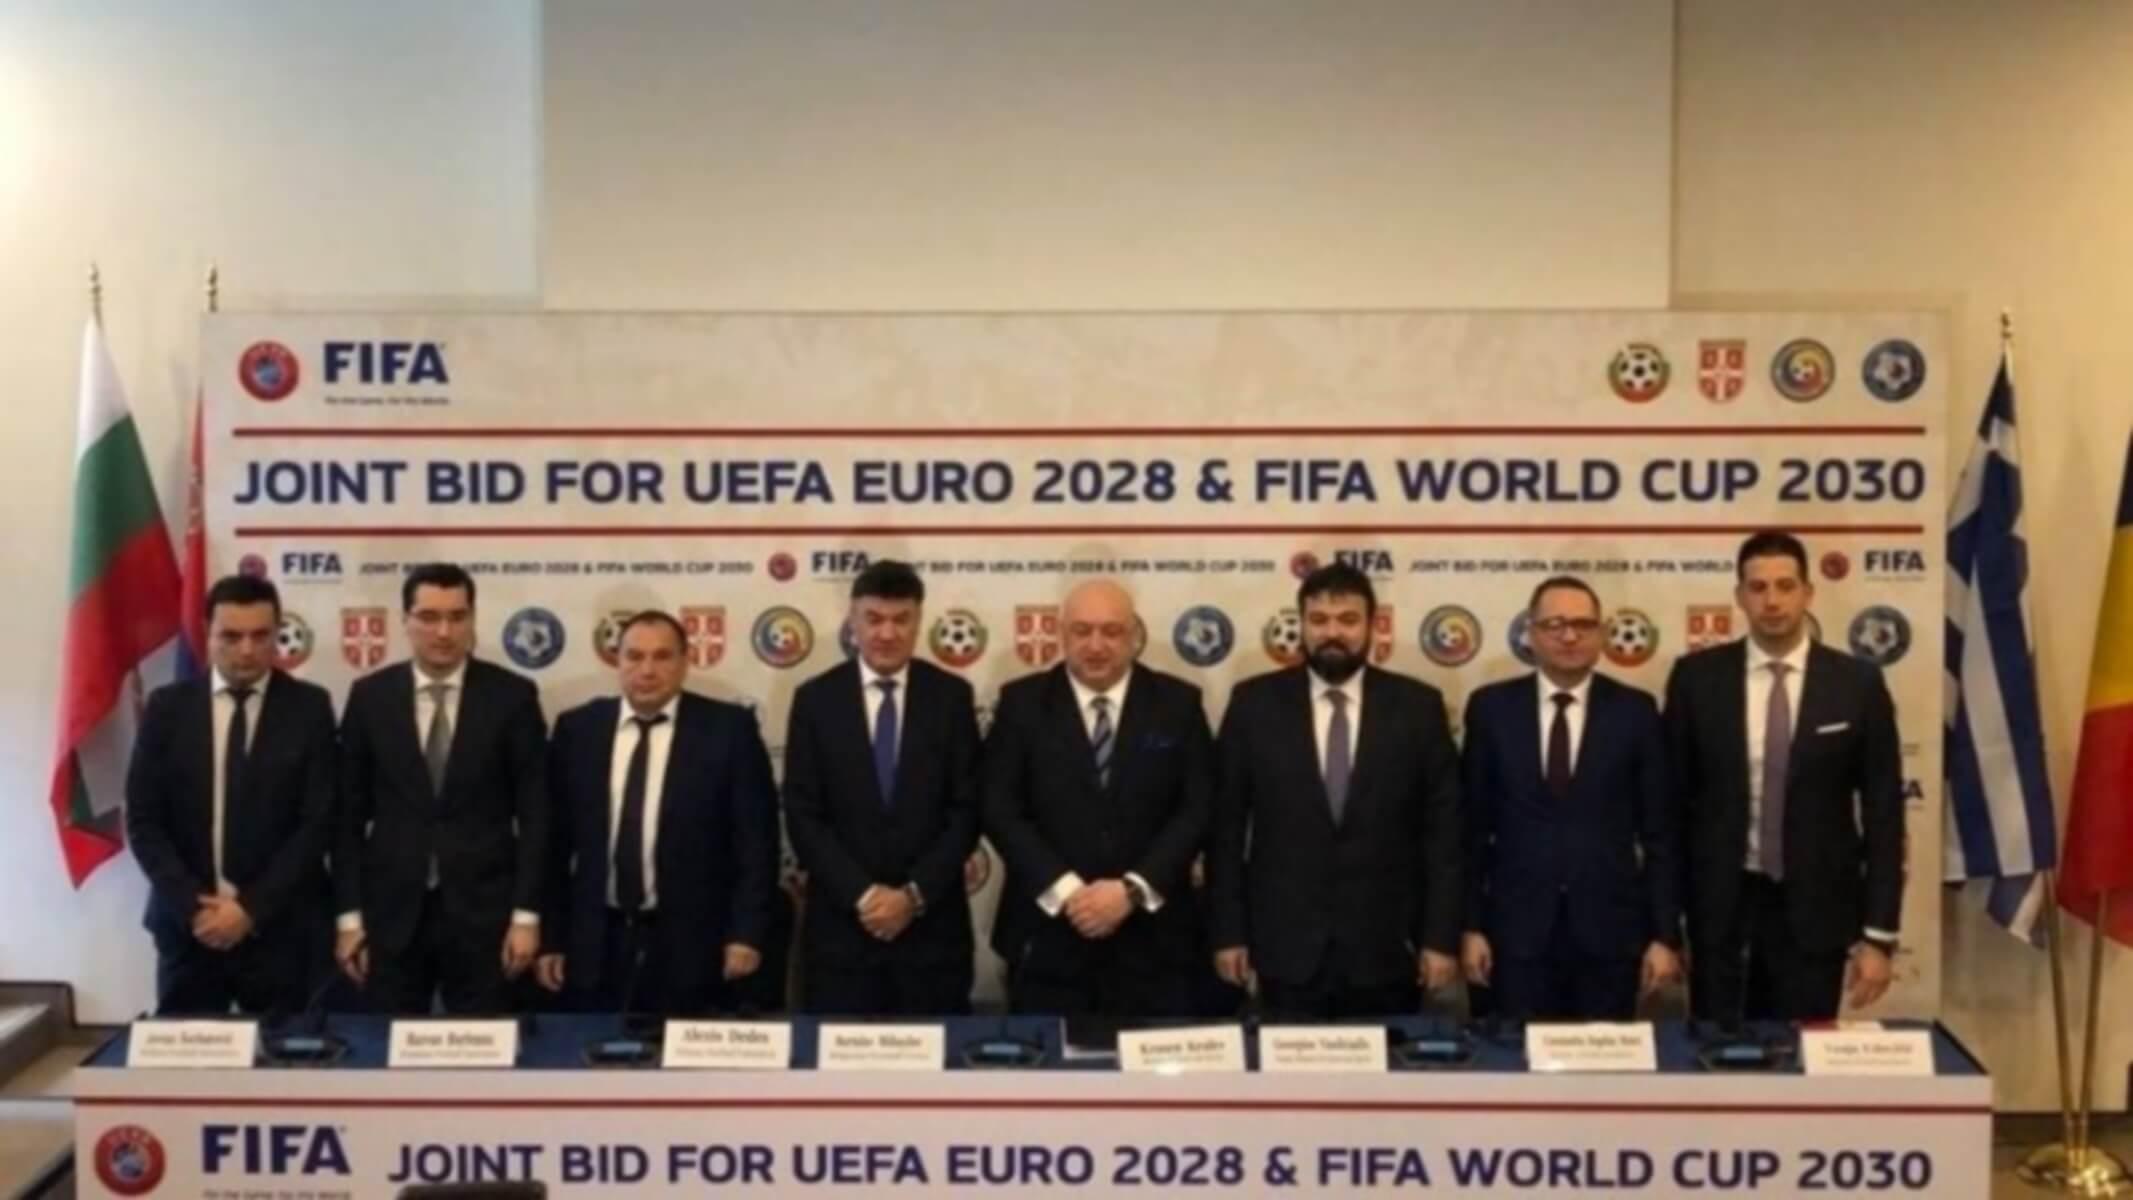 Συναντήσεις Βασιλειάδη στη Σόφια για Euro 2028 και Μουντιάλ 2030